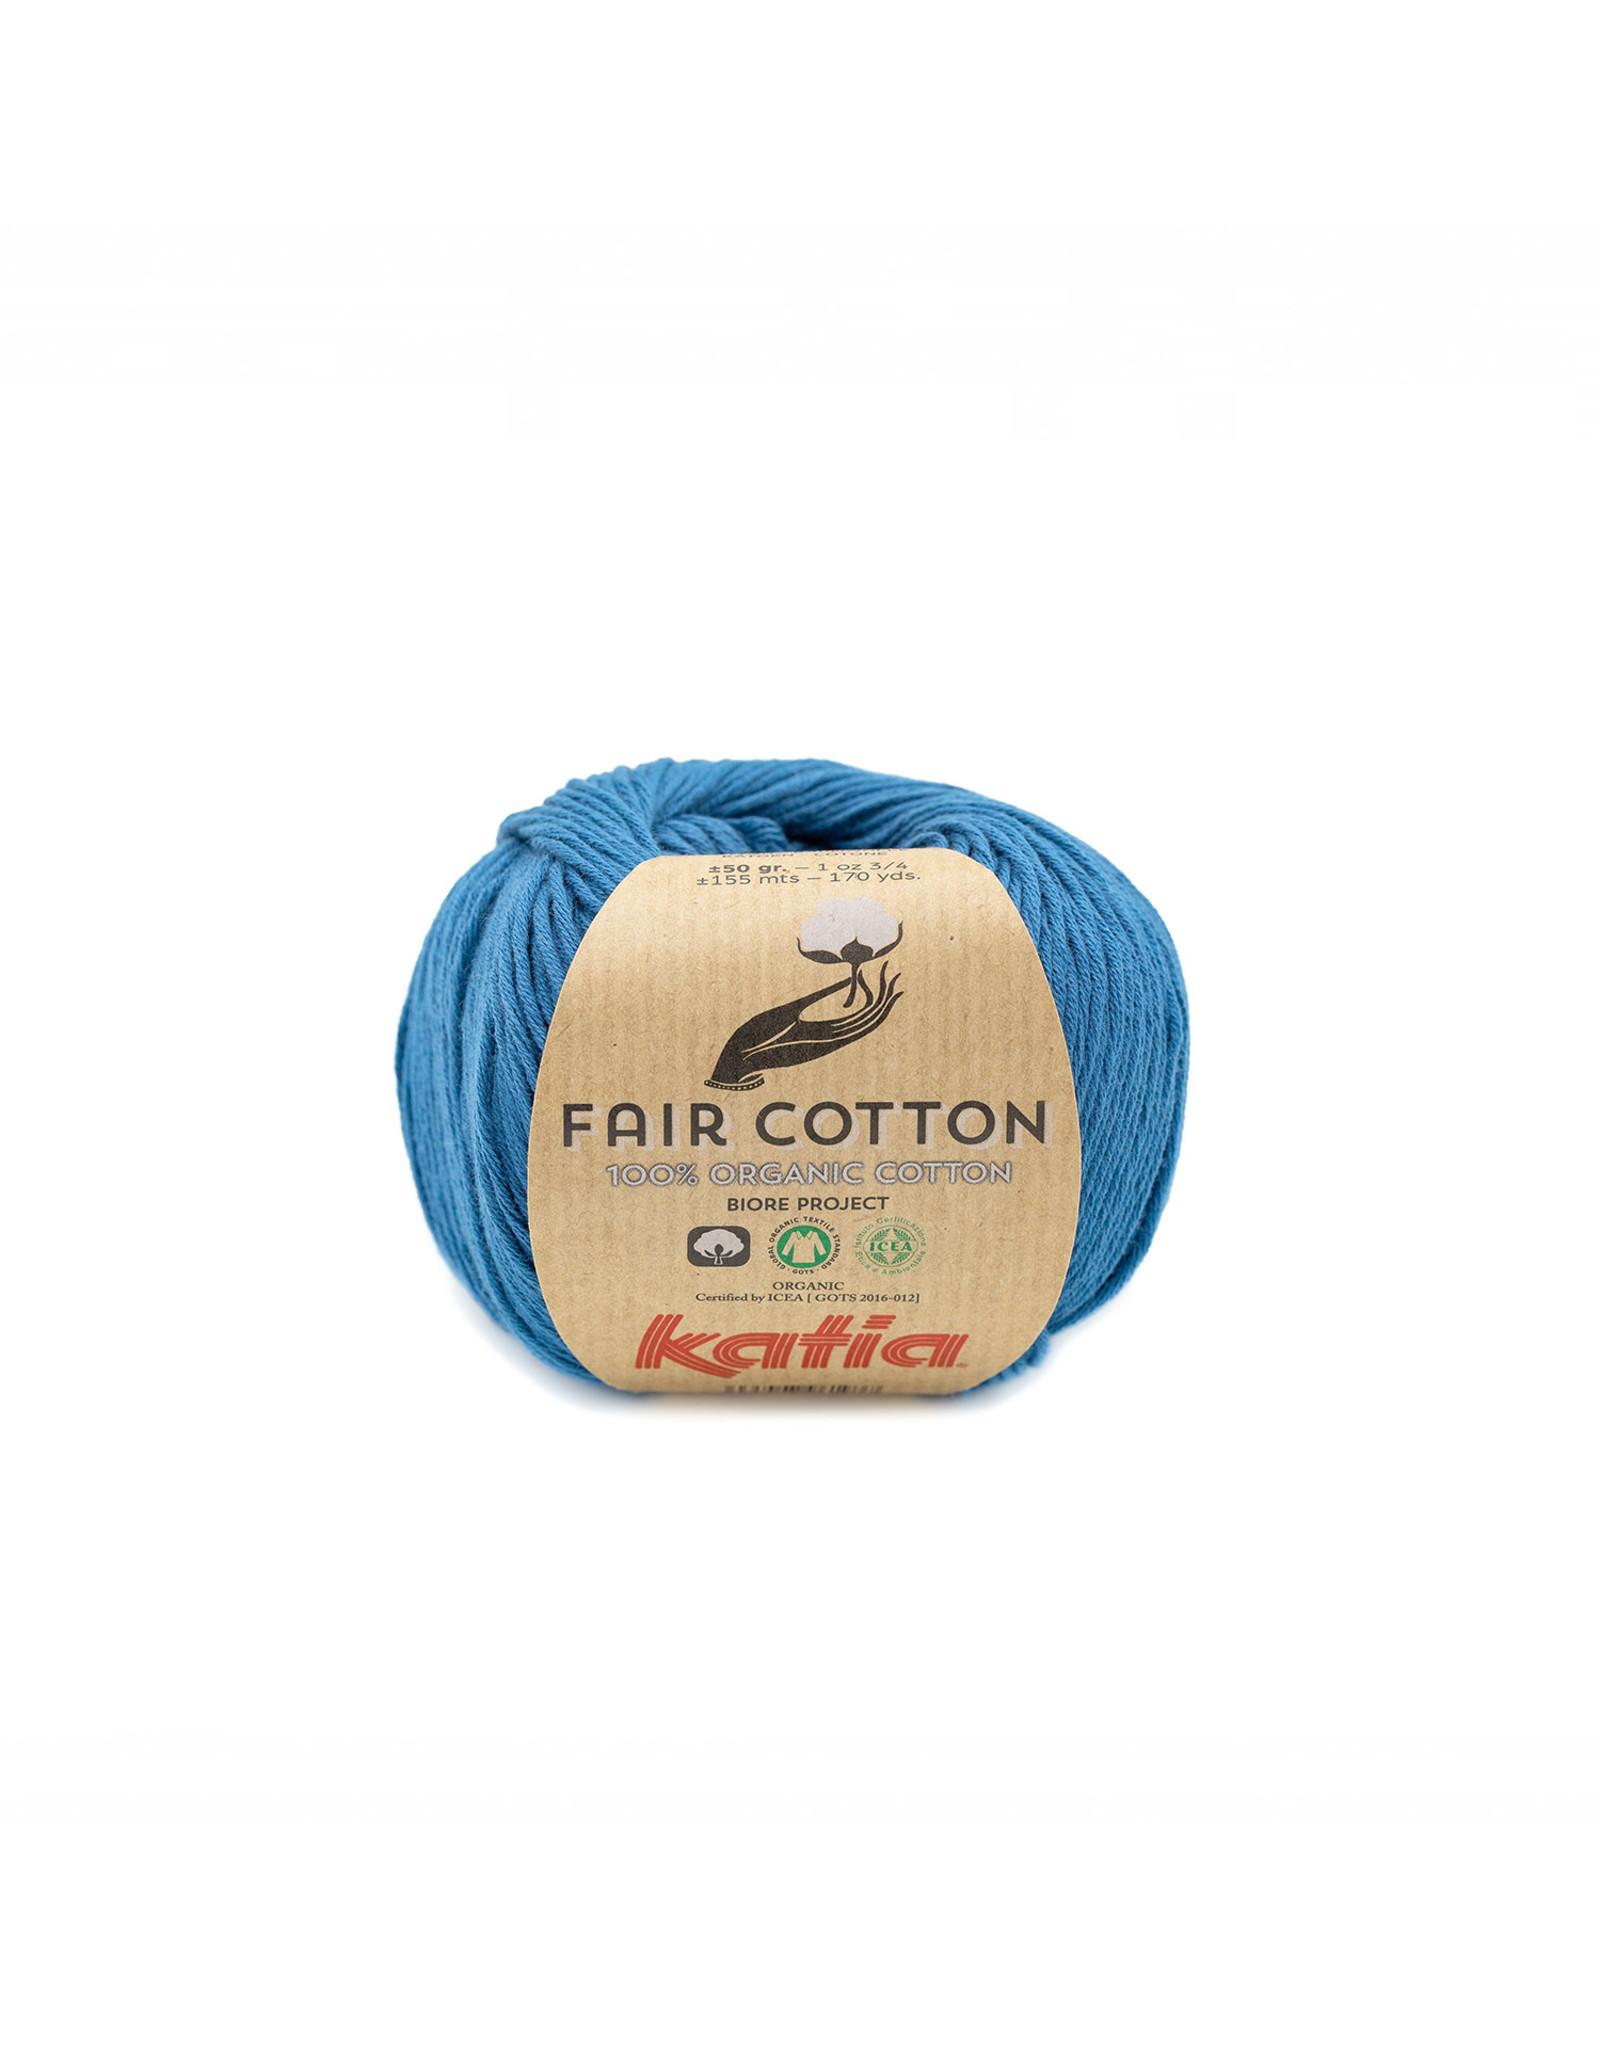 Katia Katia Fair Cotton  38 - groenblauw - - 50 gr. - 100% biol. katoen